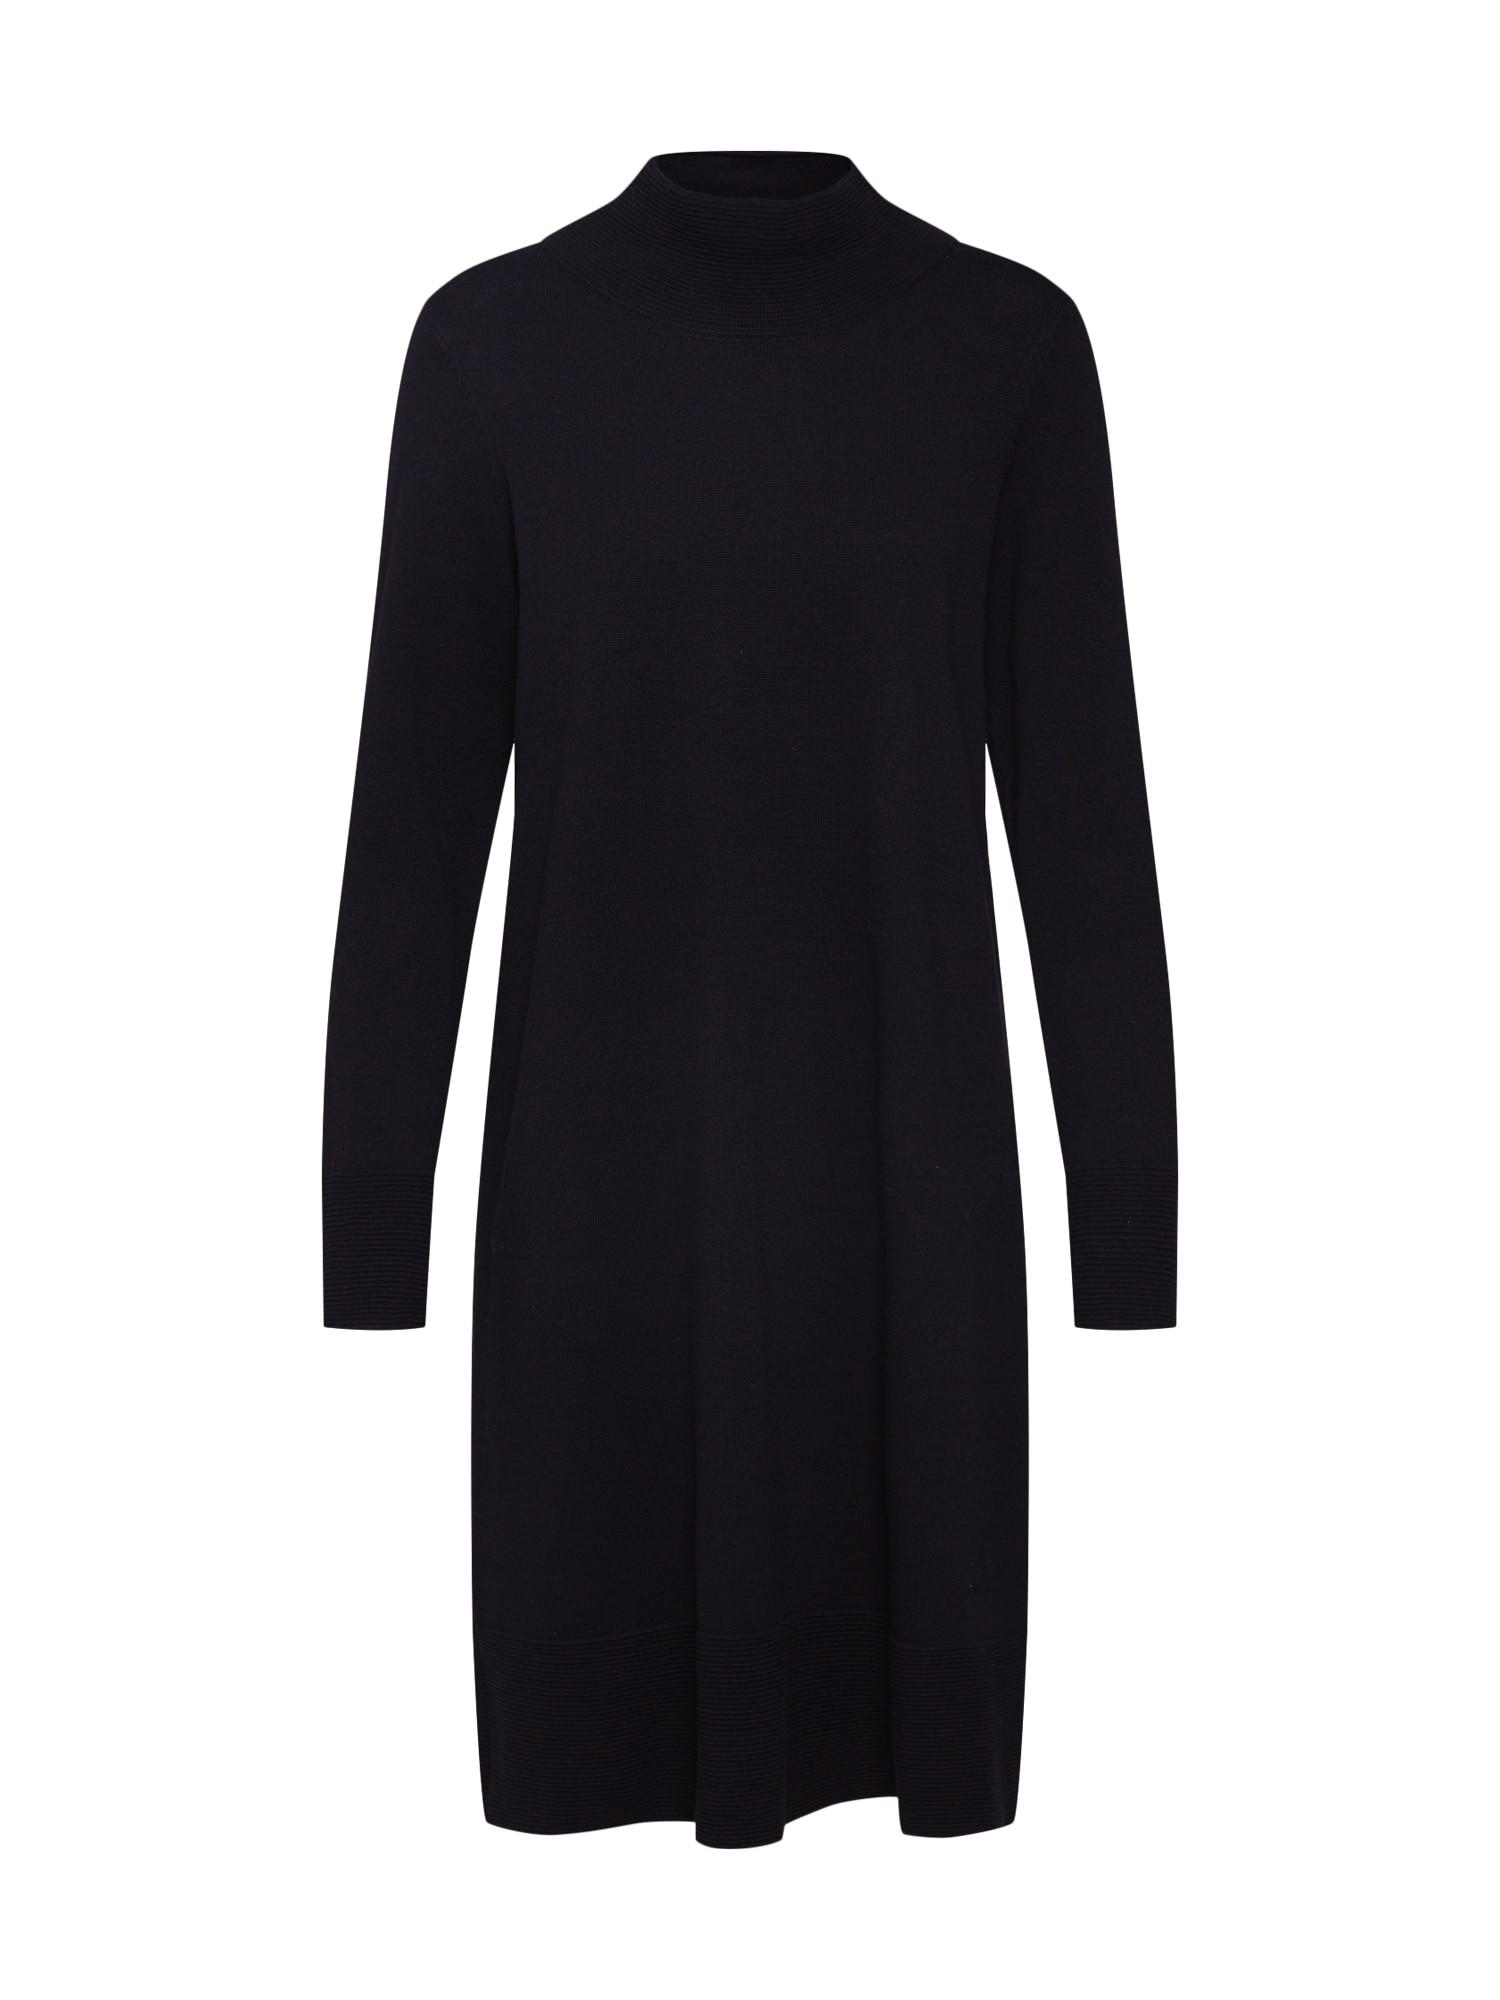 Úpletové šaty turtleneck dres Dresses flat knitted černá ESPRIT